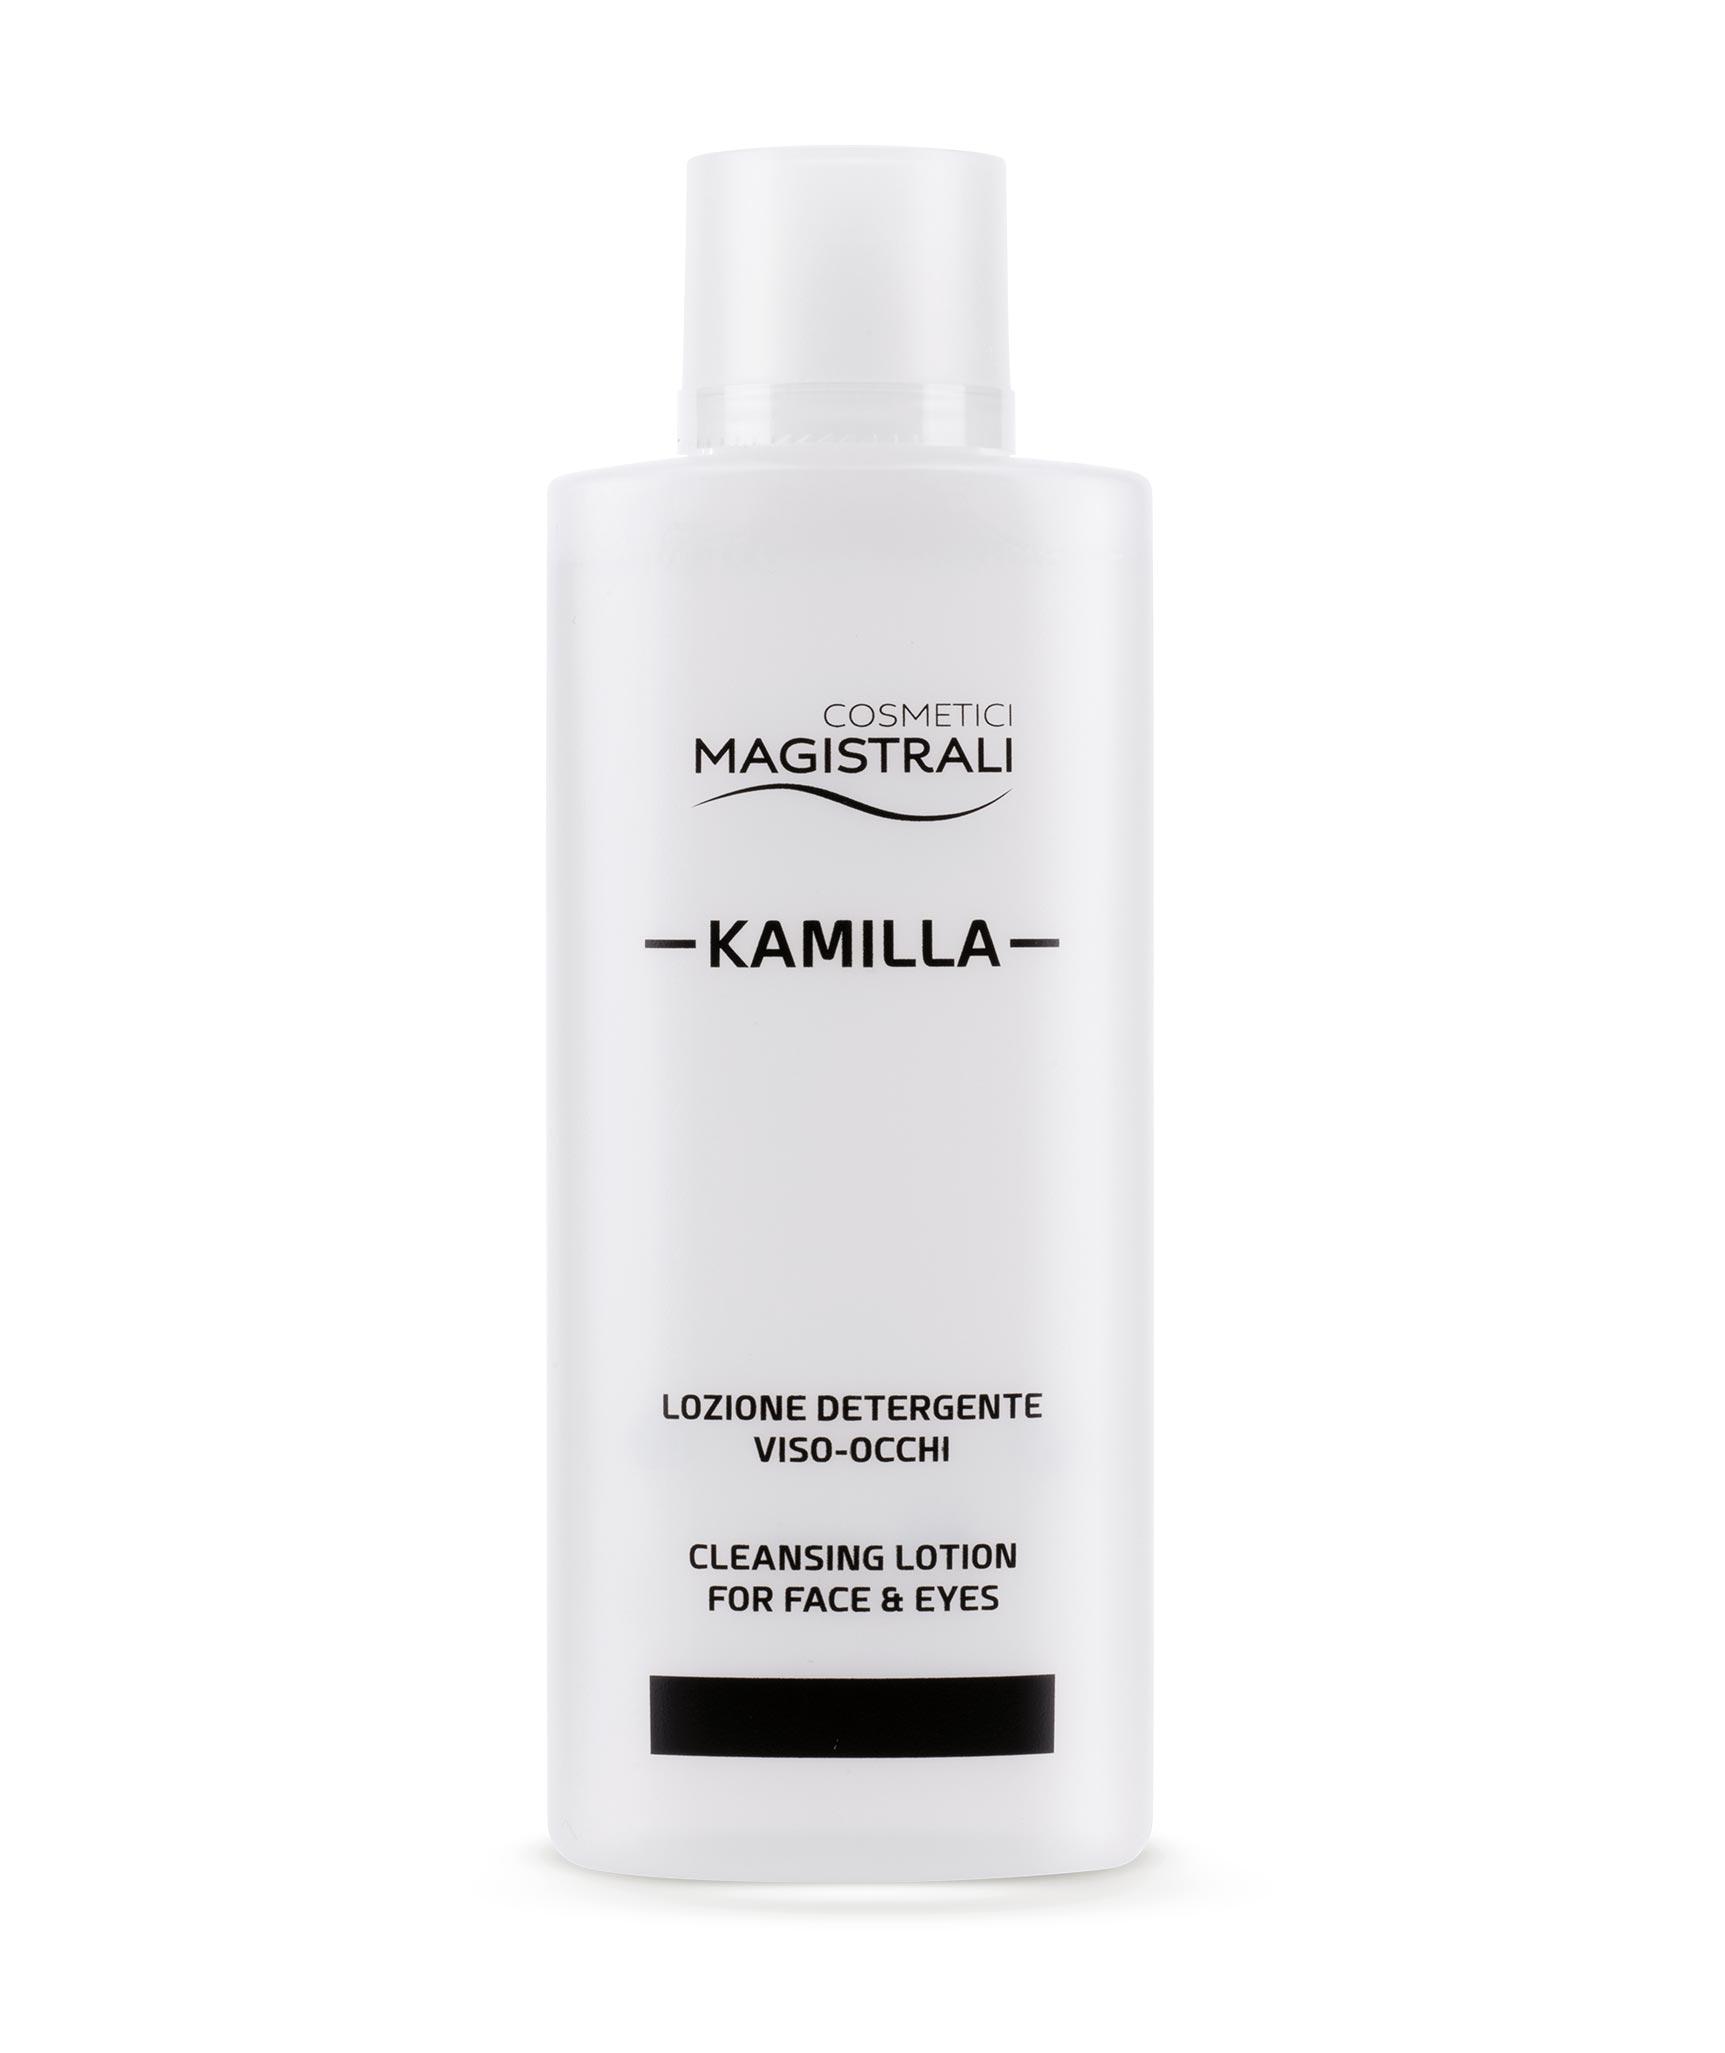 kamilla-lozione-200-ml